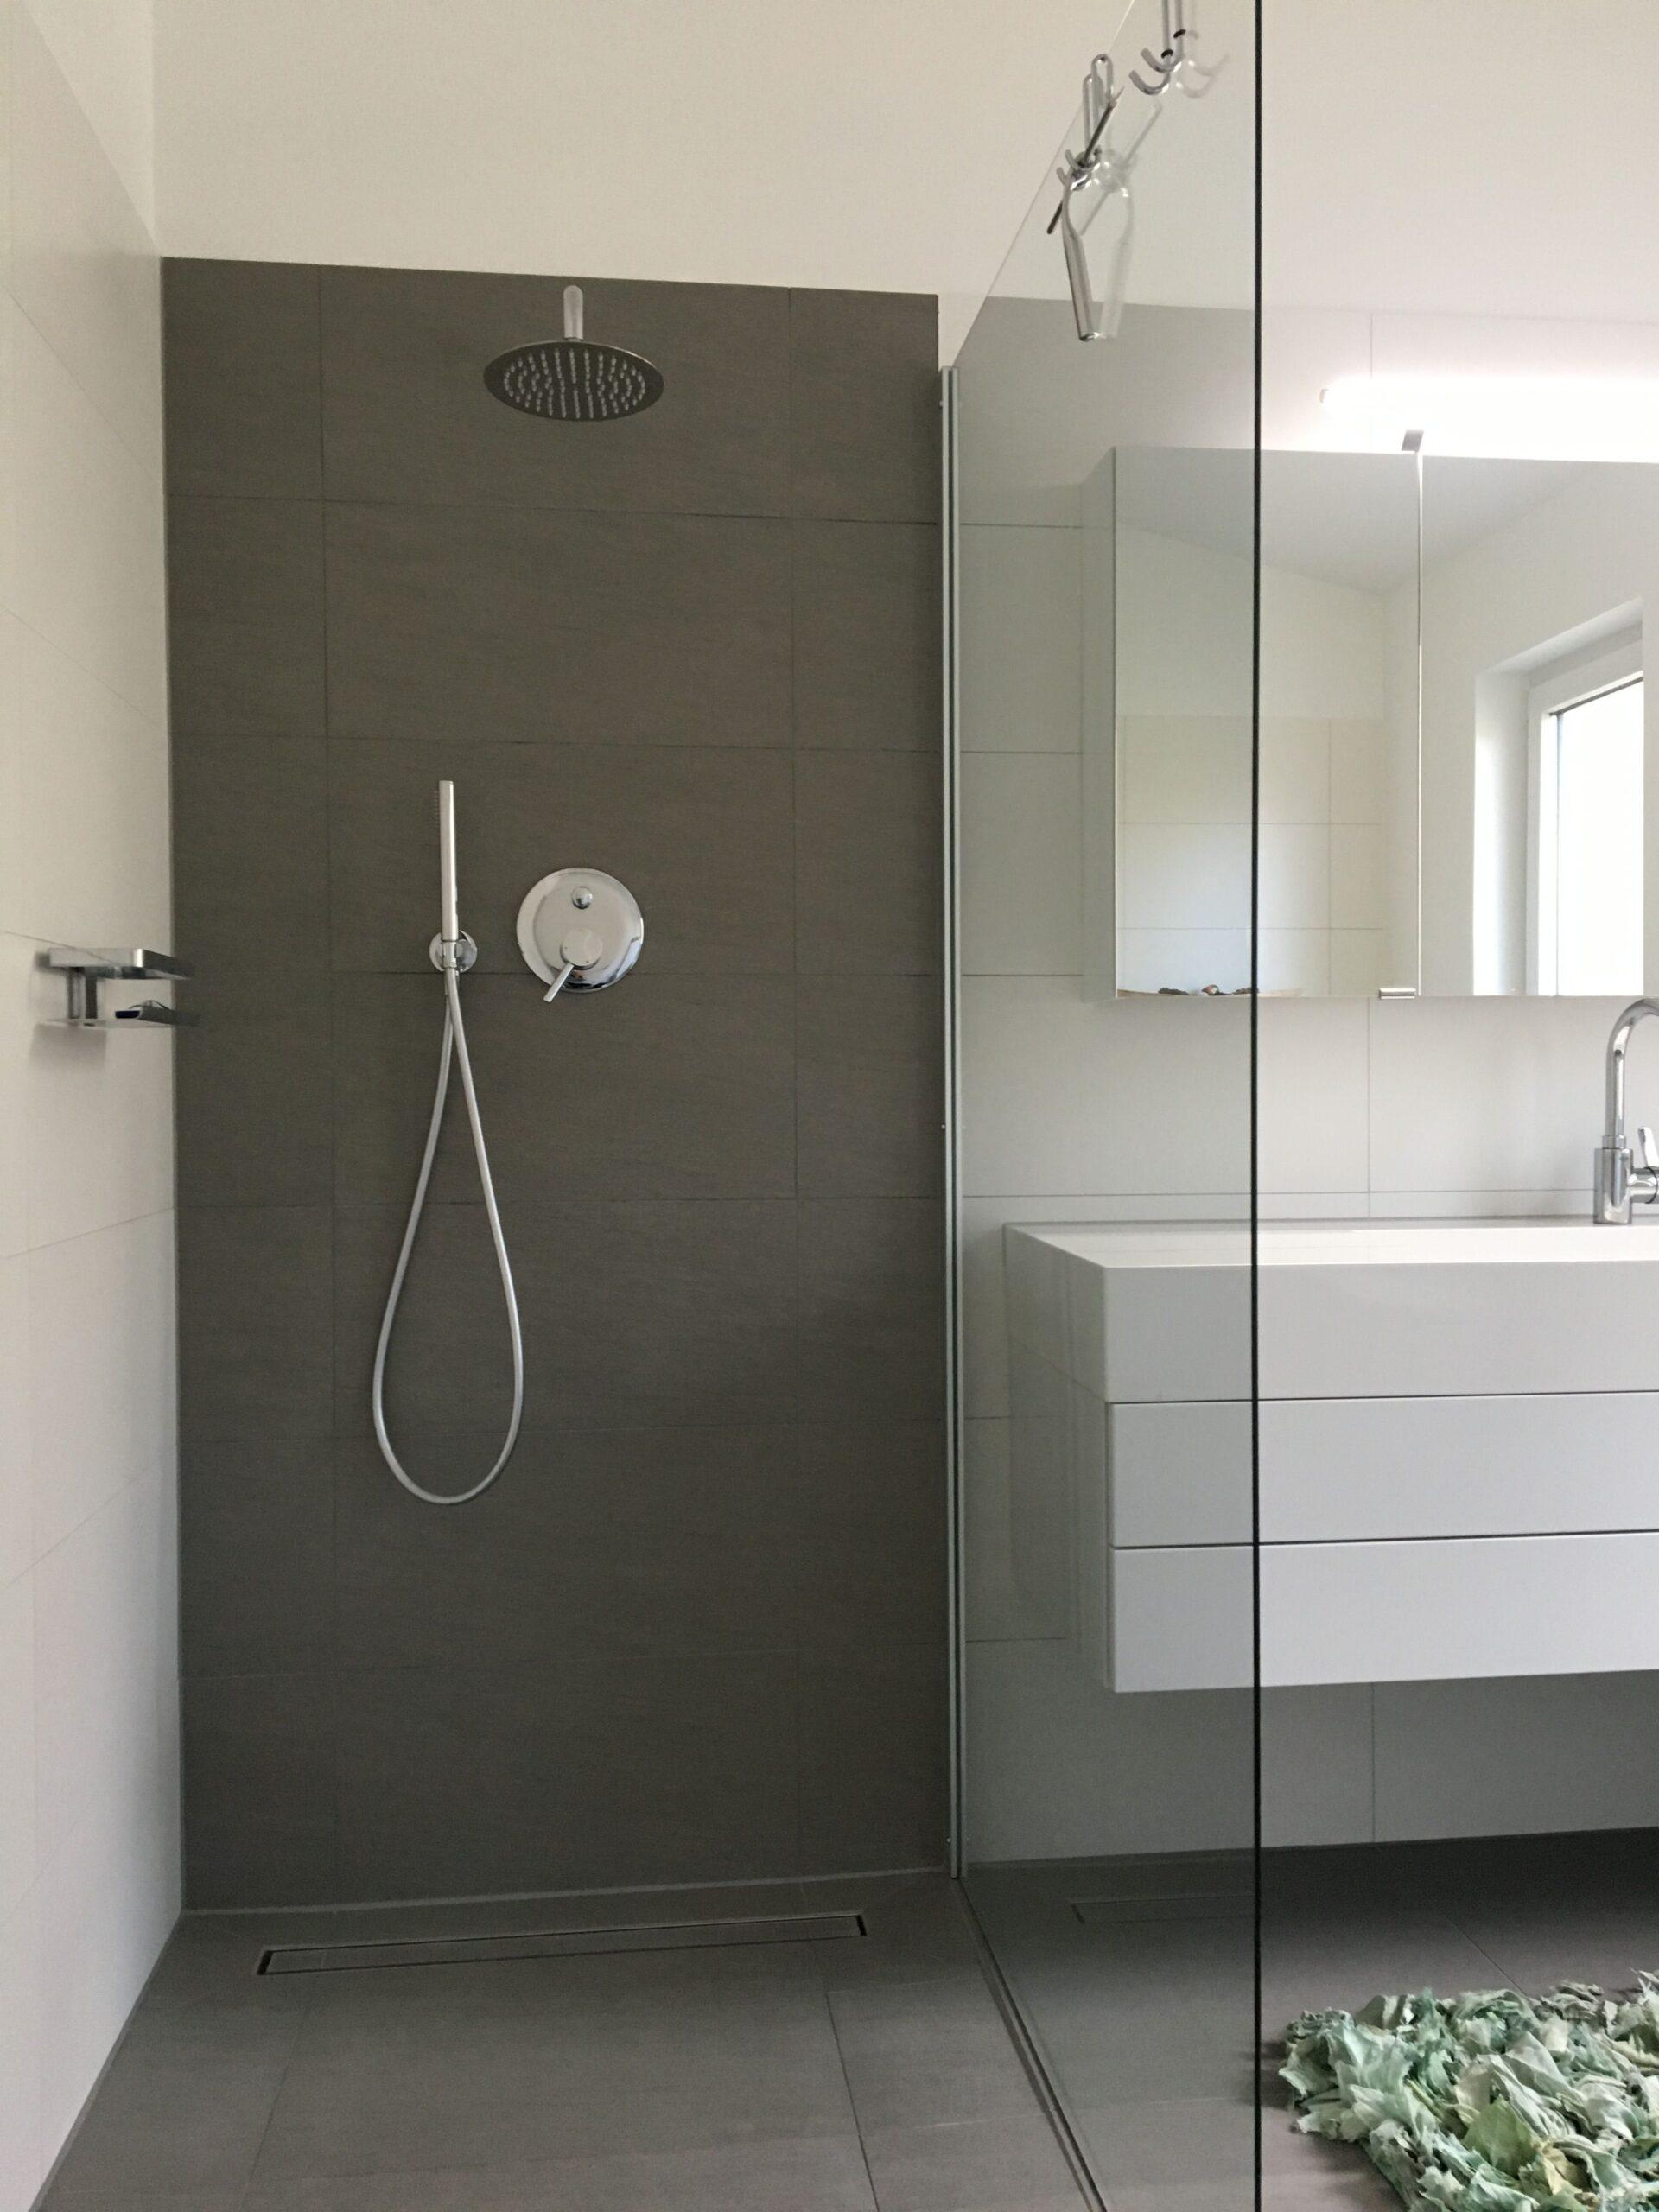 Full Size of Badezimmer Dusche Fliesen Wasseranschluss Hinter Der Wand Glastrennwand Begehbare Ohne Tür Bodengleiche Holzfliesen Bad Deckenlampen Für Wohnzimmer Dusche Fliesen Für Dusche